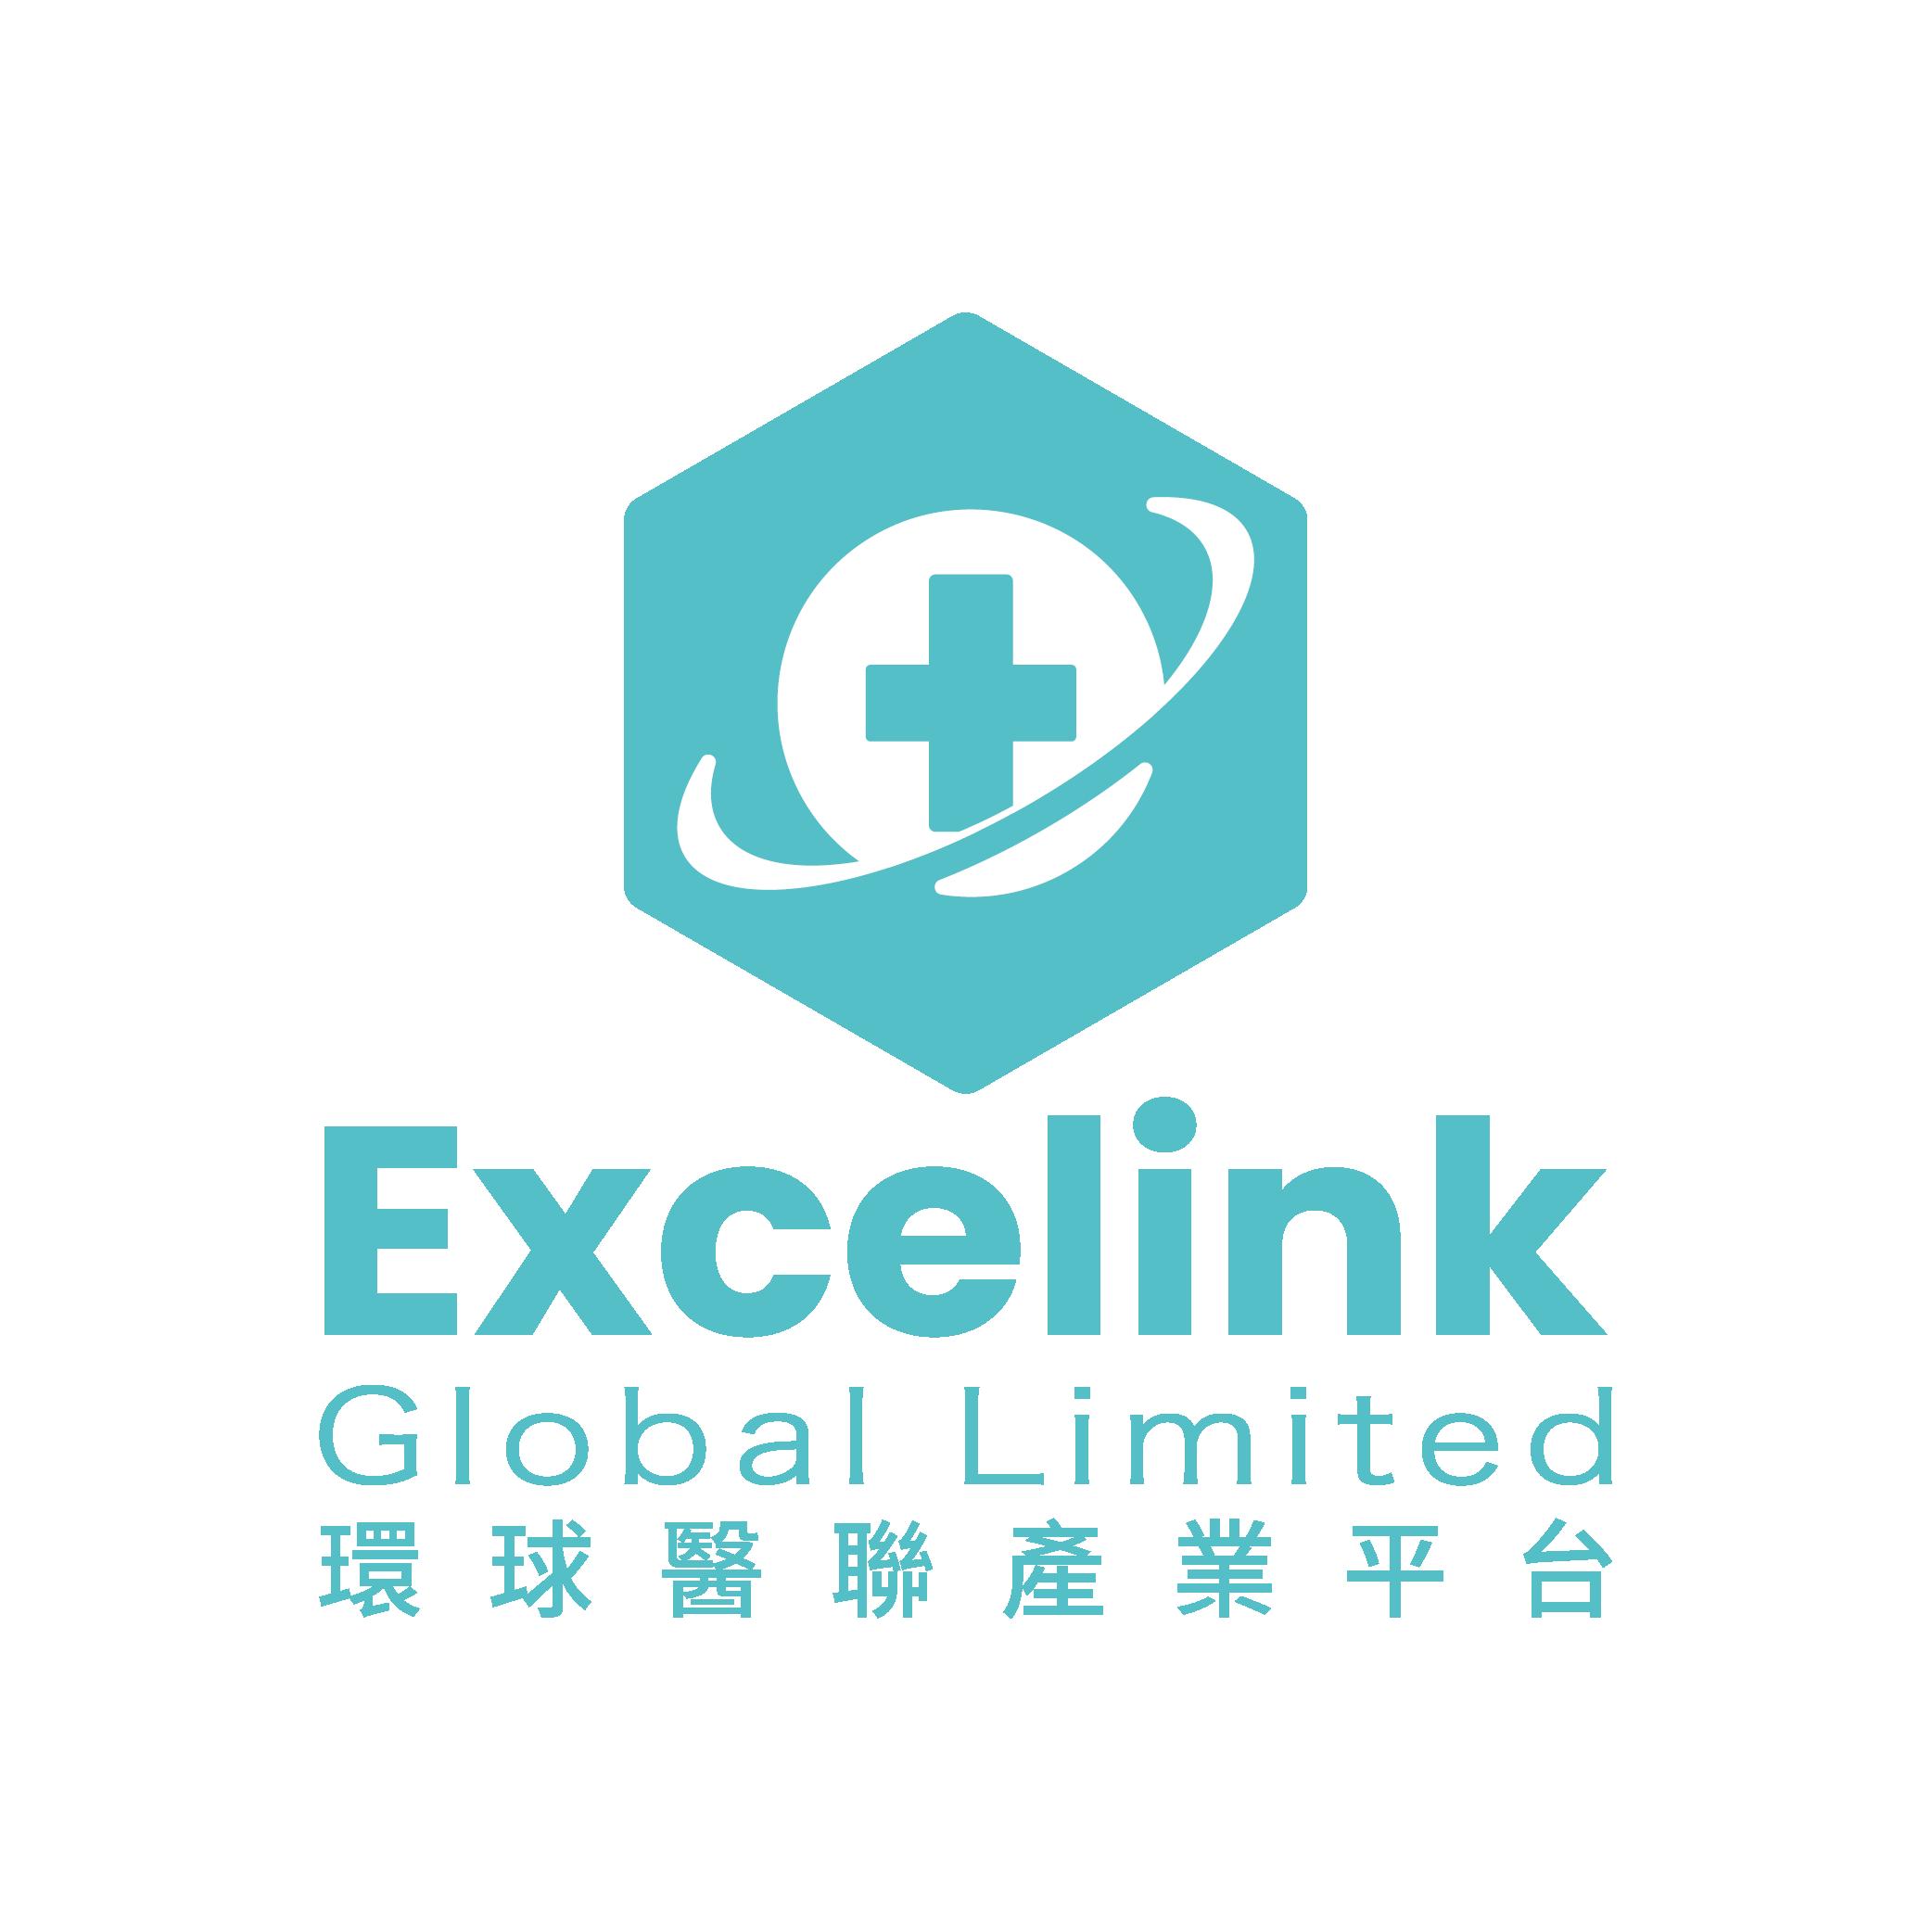 環球醫聯 | Excelink